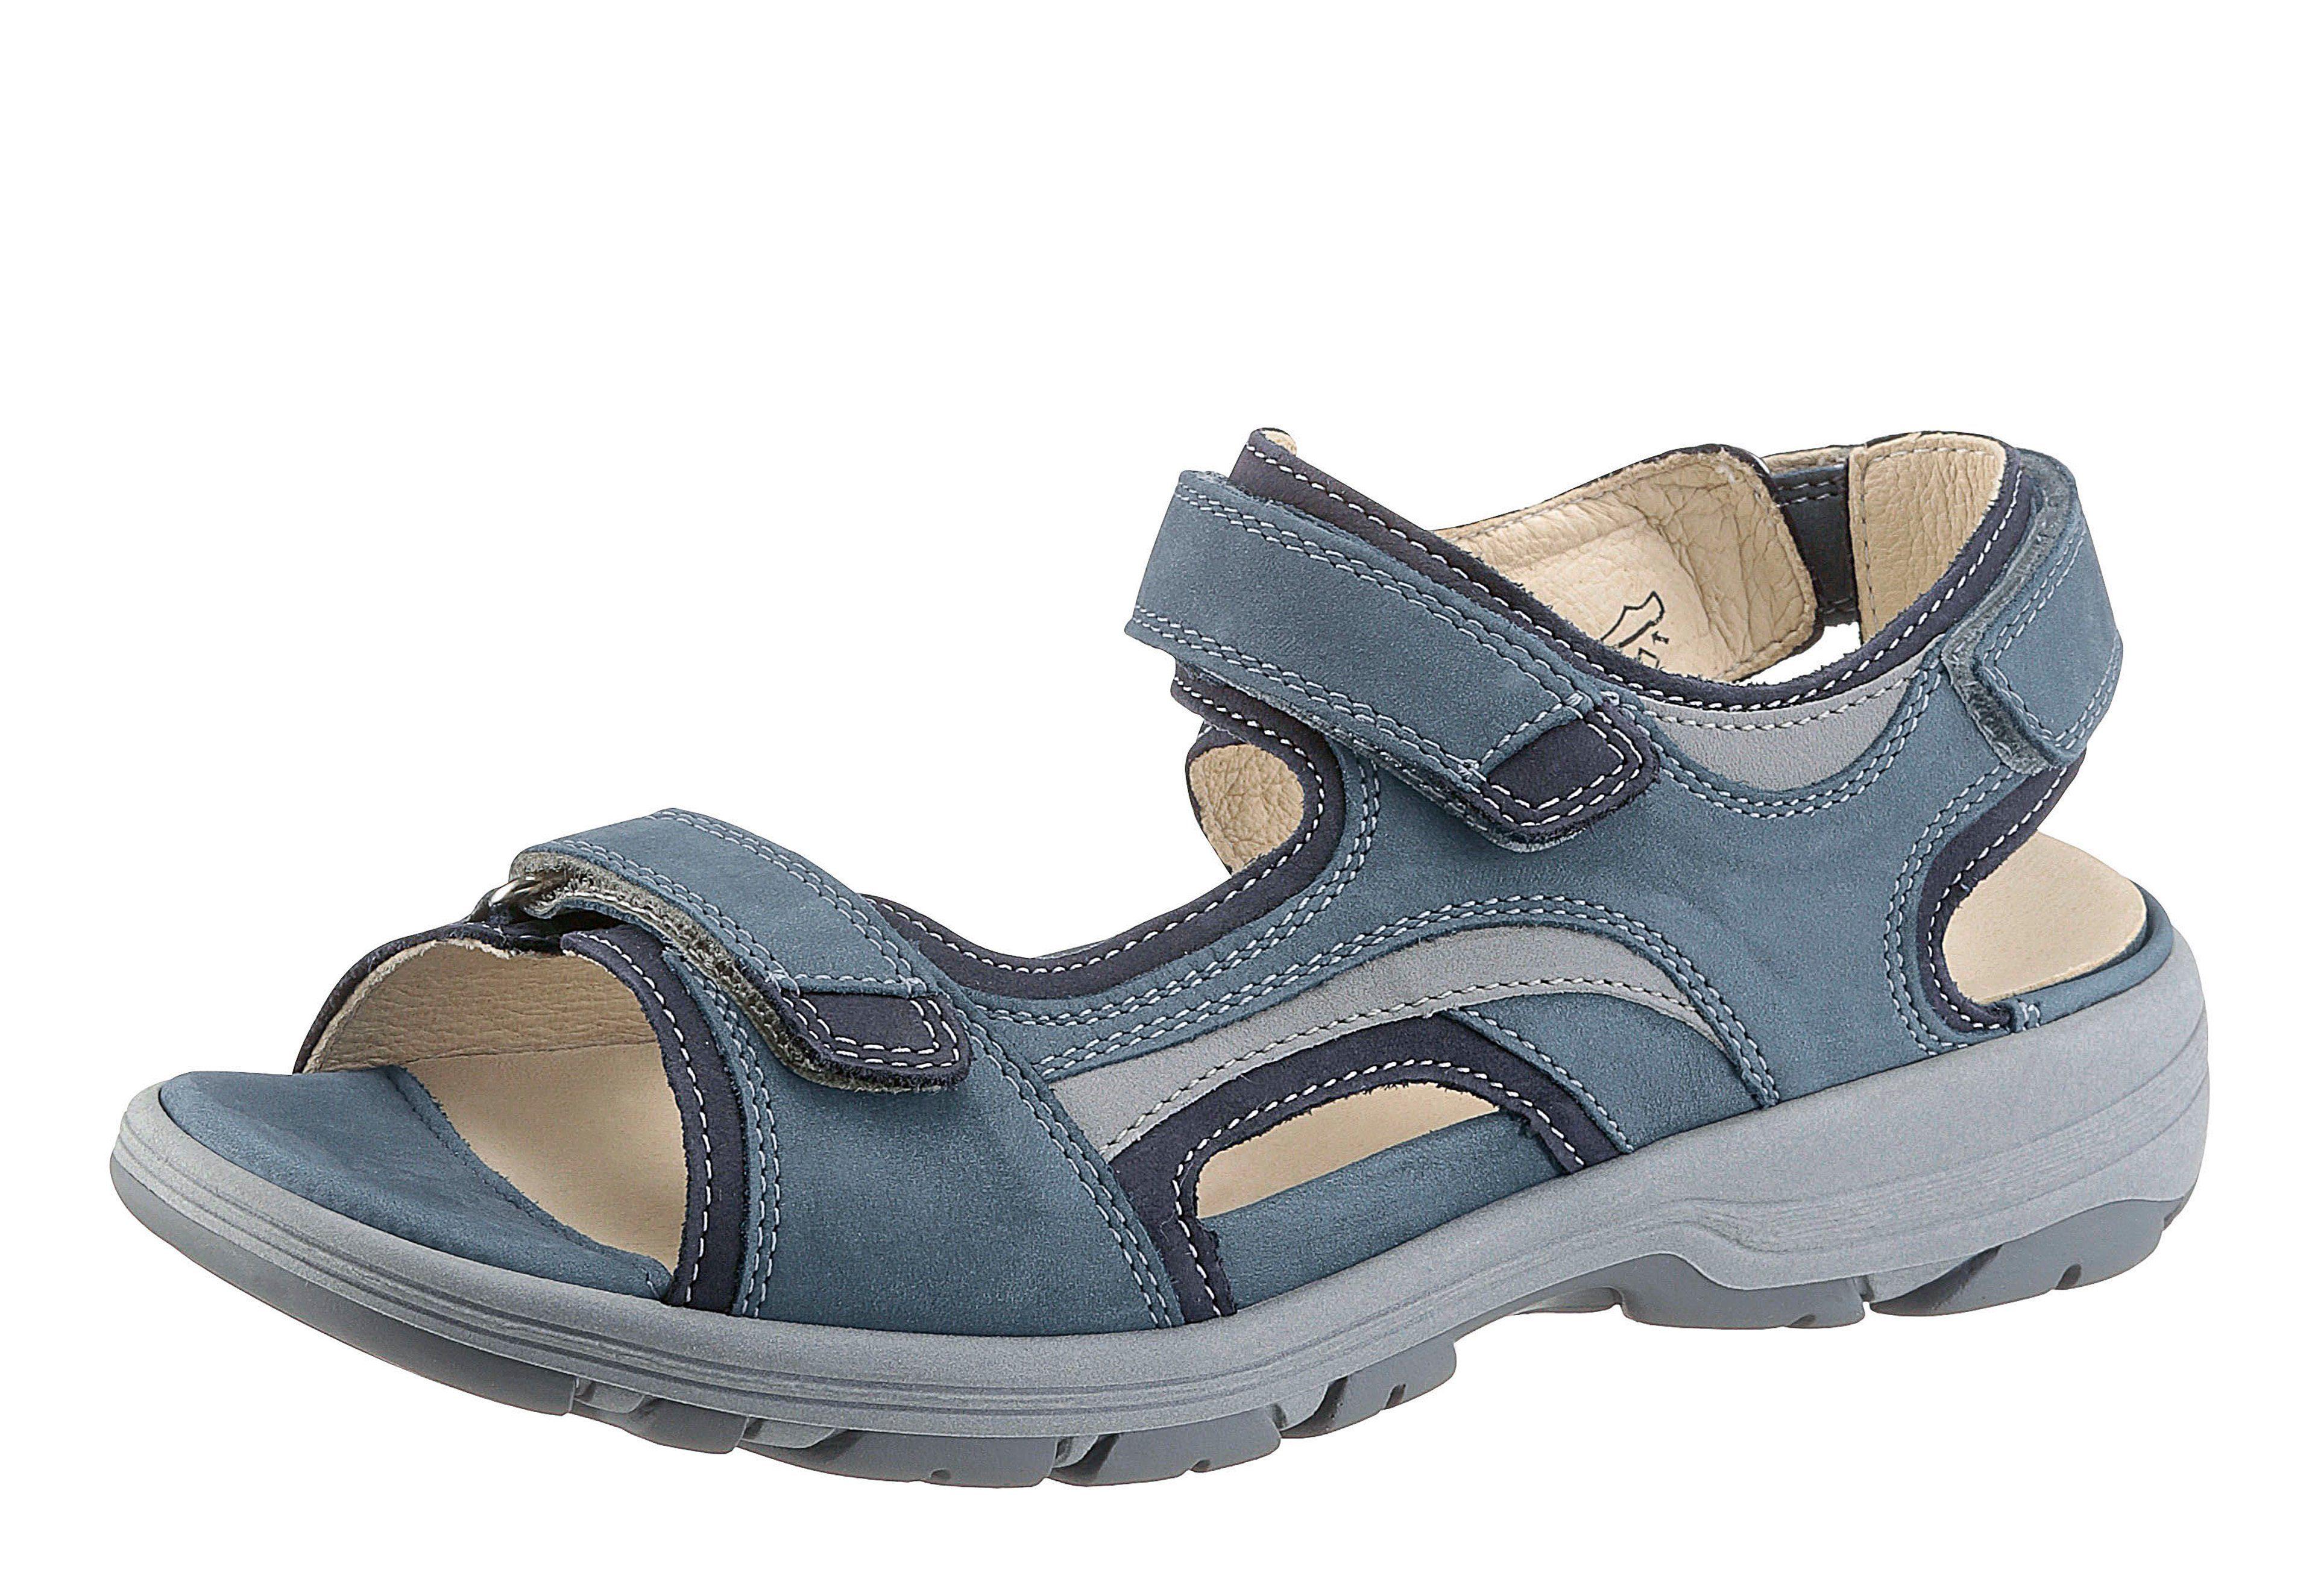 Waldläufer Sandale mit gepolstertem Wechselfußbett  blau